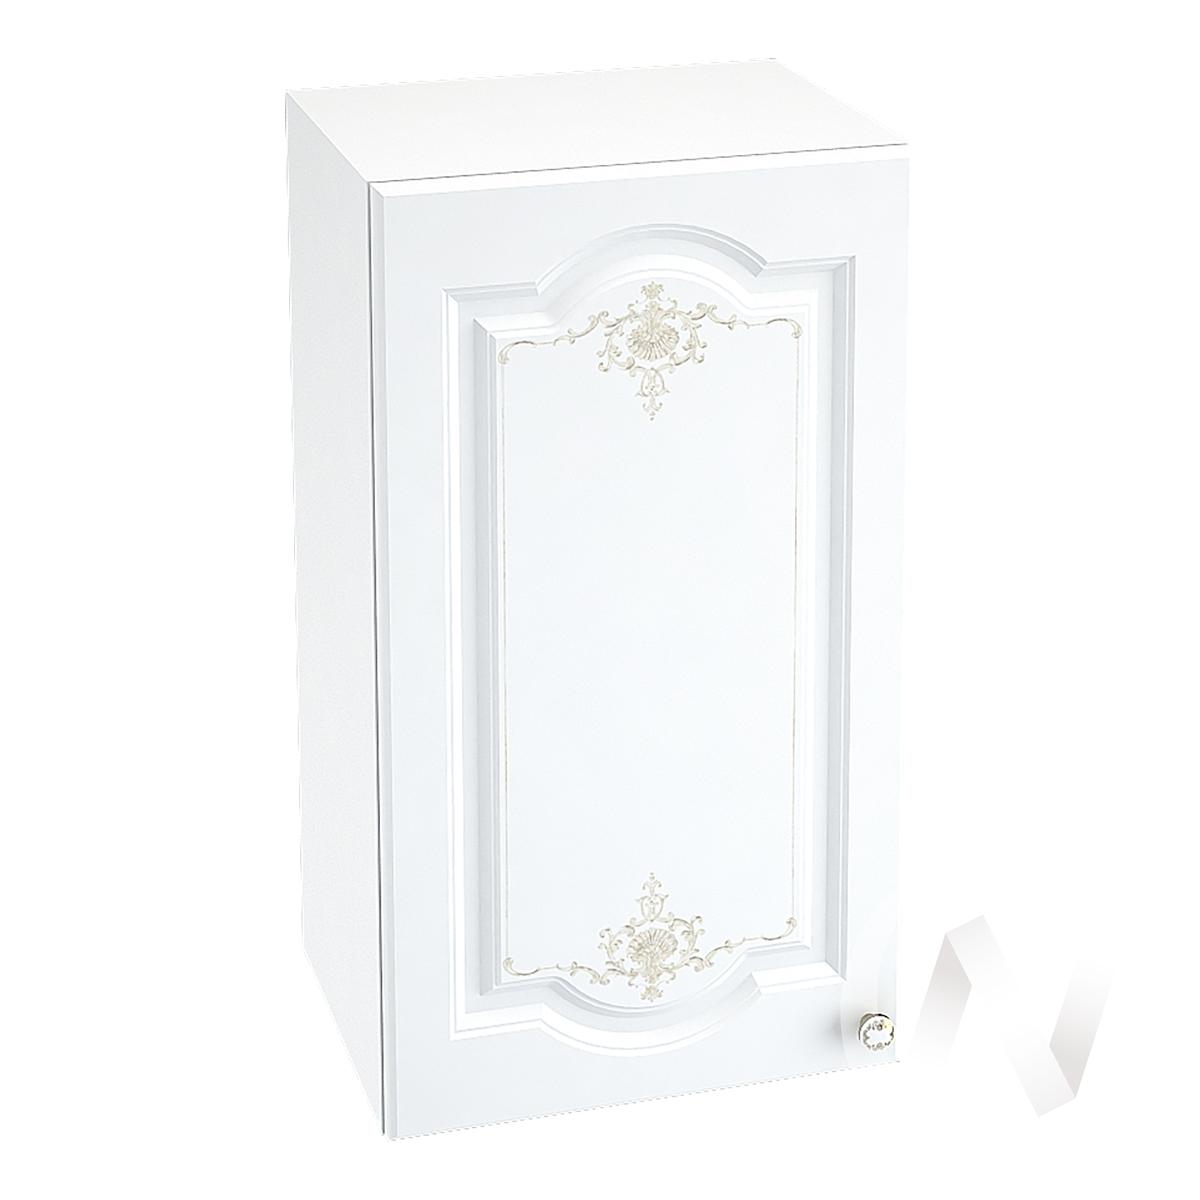 """Кухня """"Шарлиз"""": Шкаф верхний 400, ШВ 400 (корпус белый) в Новосибирске в интернет-магазине мебели kuhnya54.ru"""